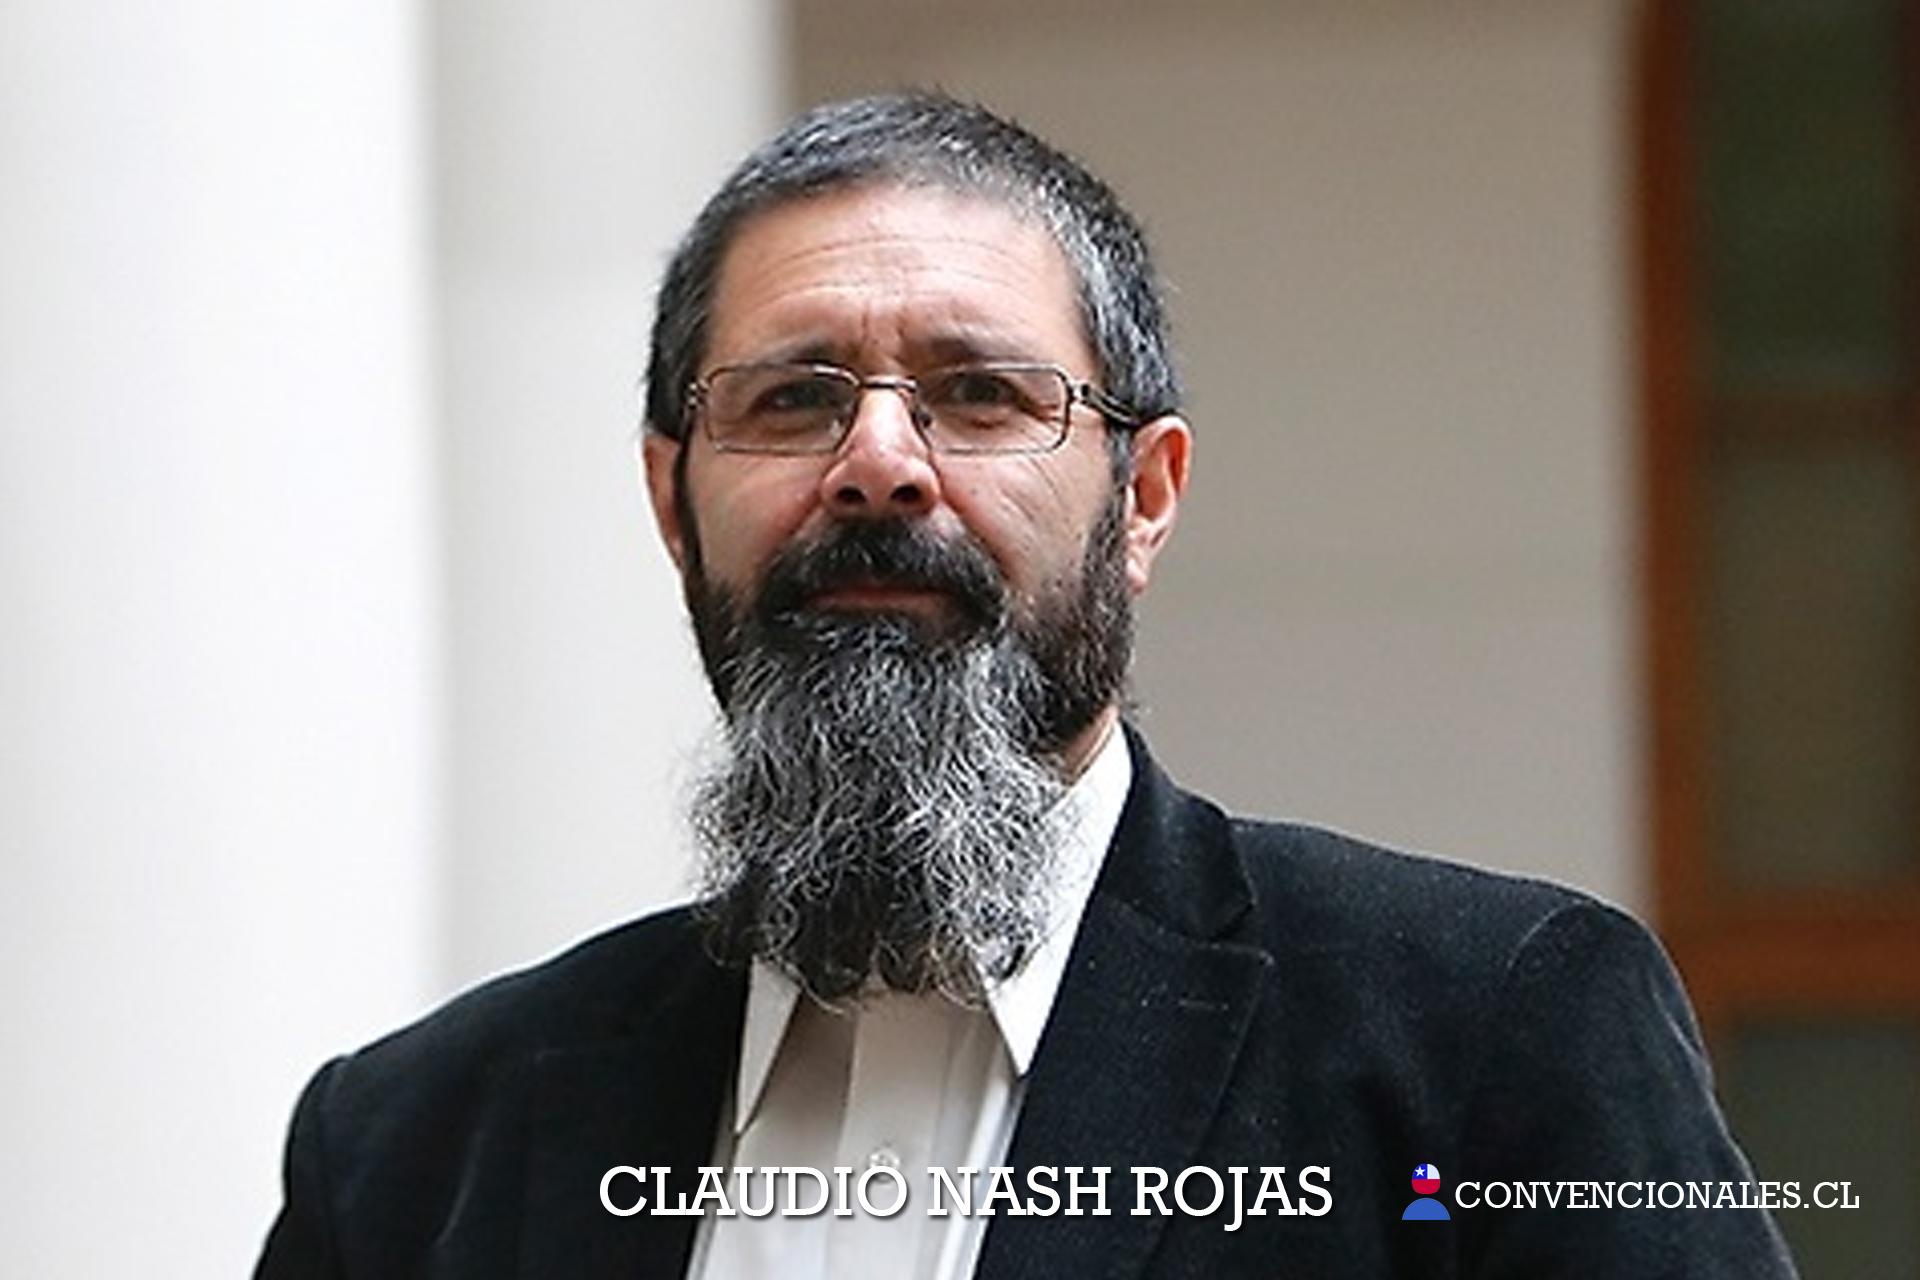 Claudio Nash Rojas